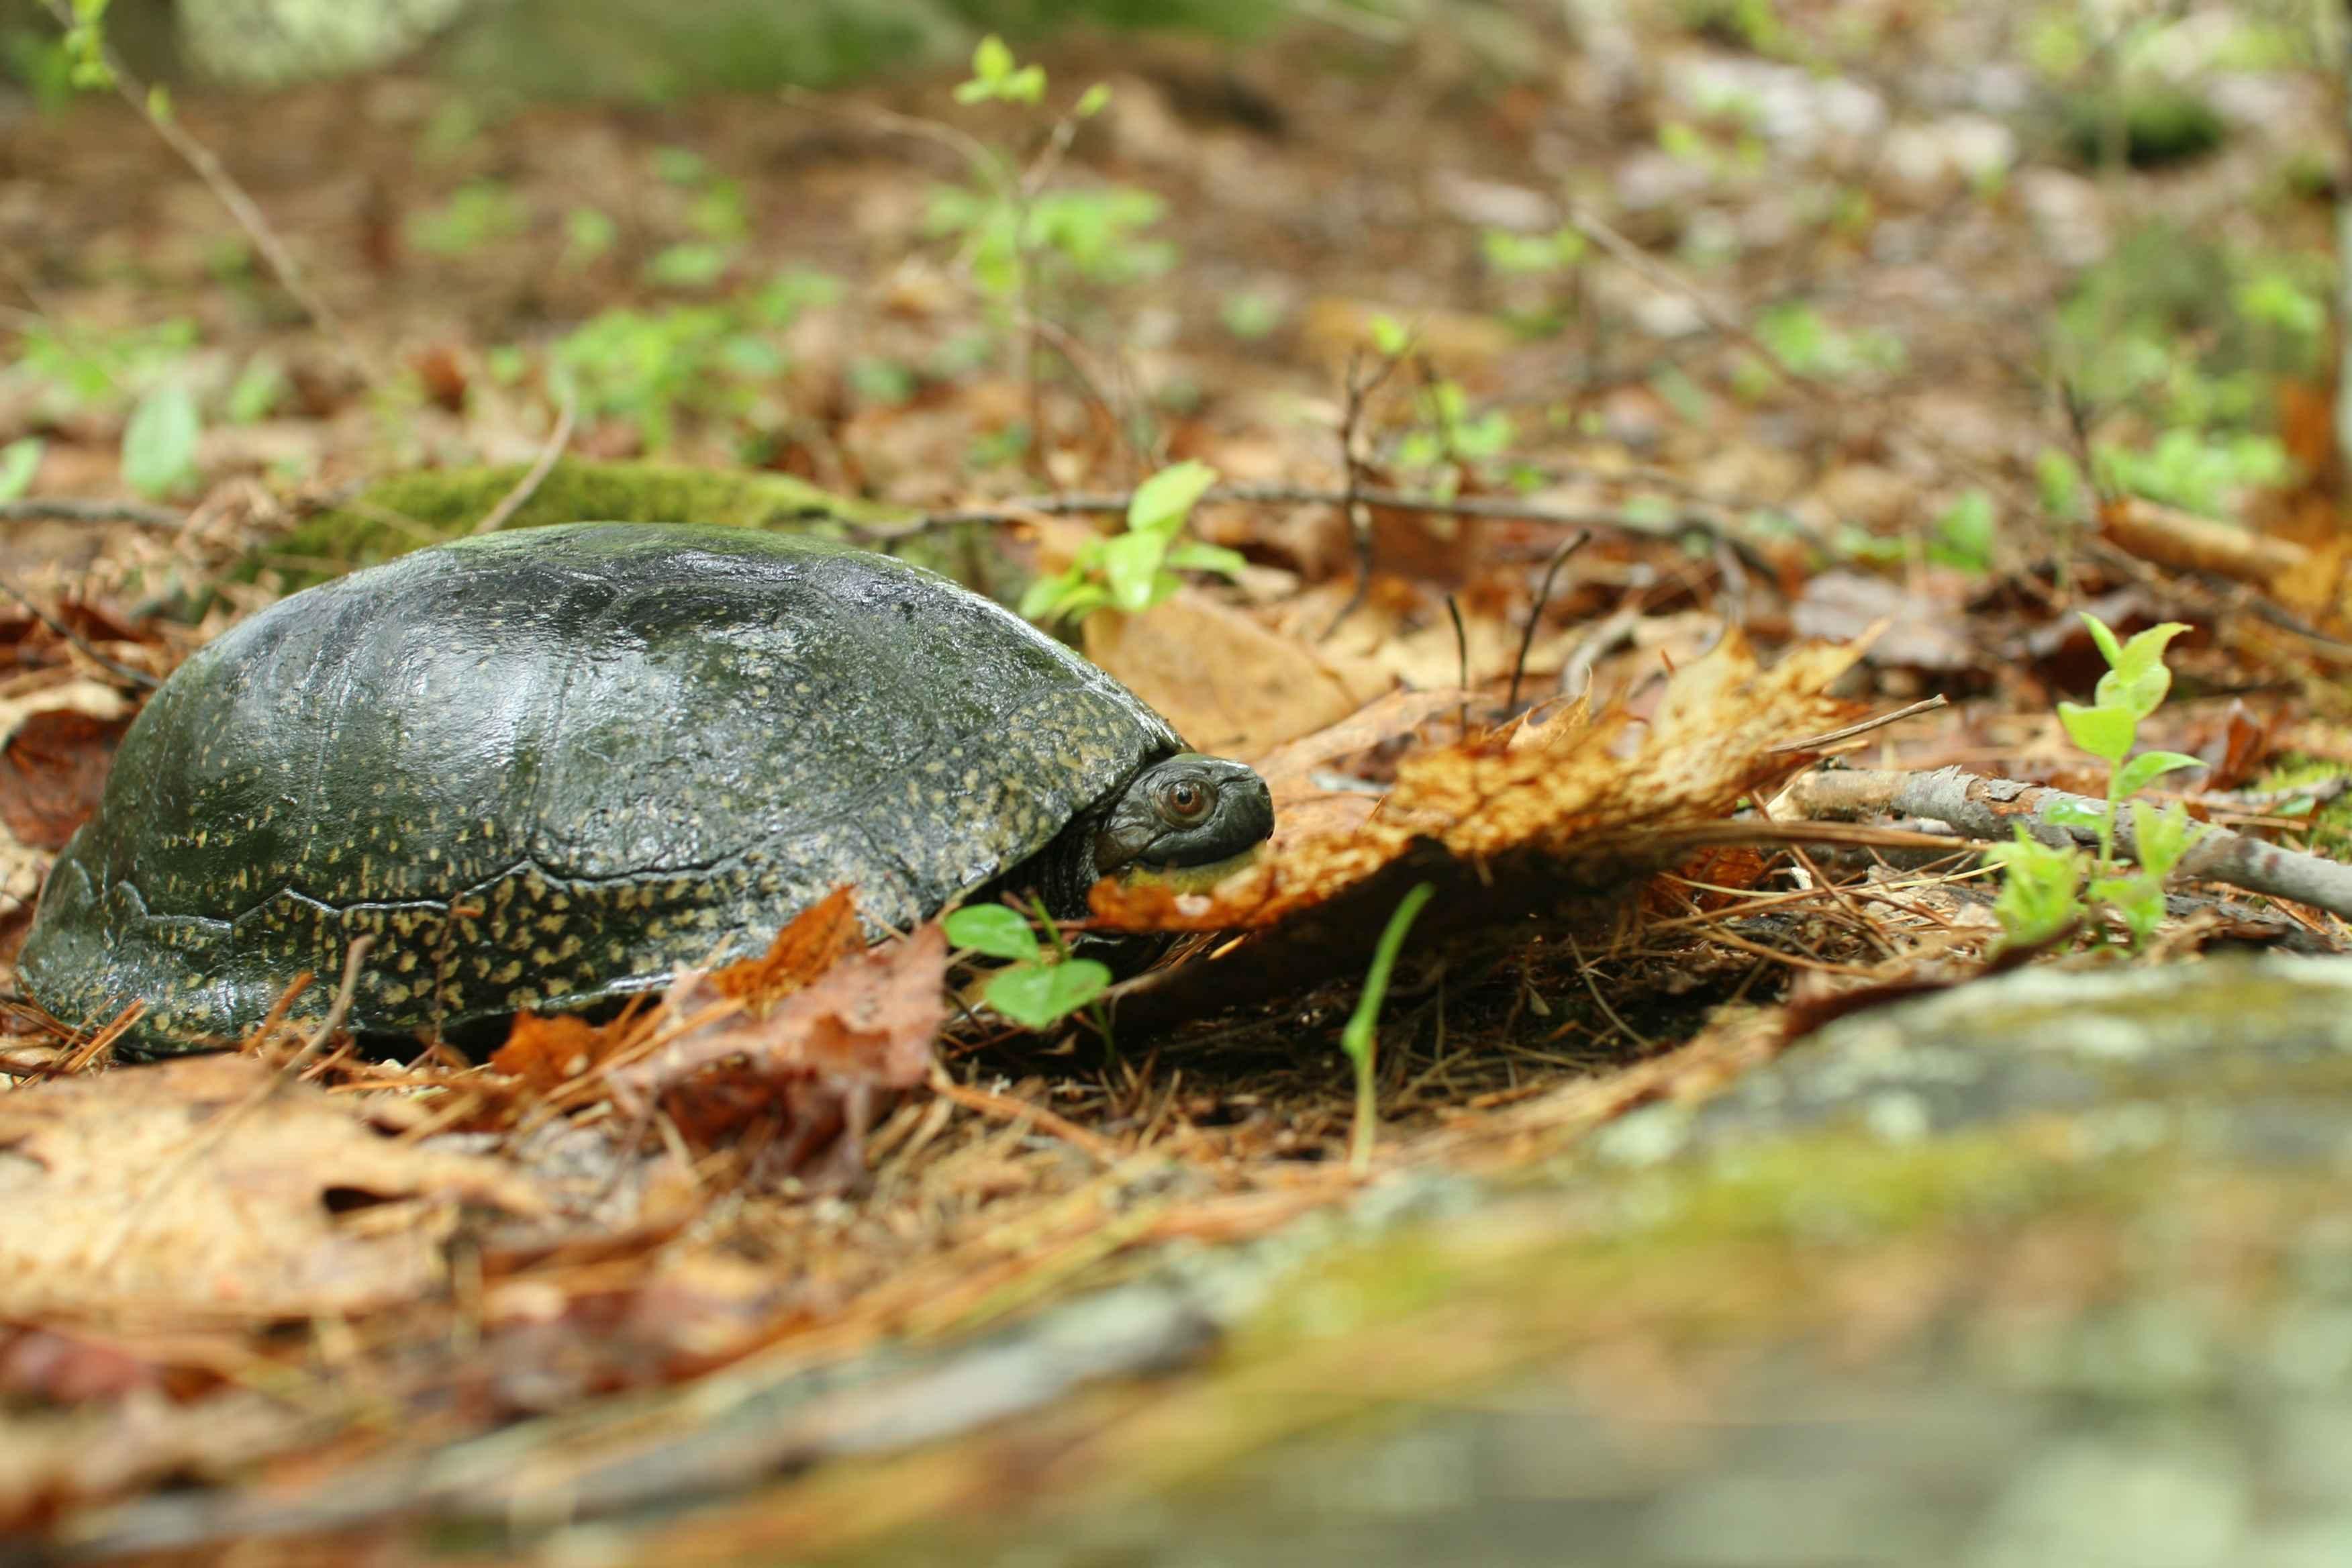 Foto gratis blandings tartaruga terra selvatico for Tartaruga di palude